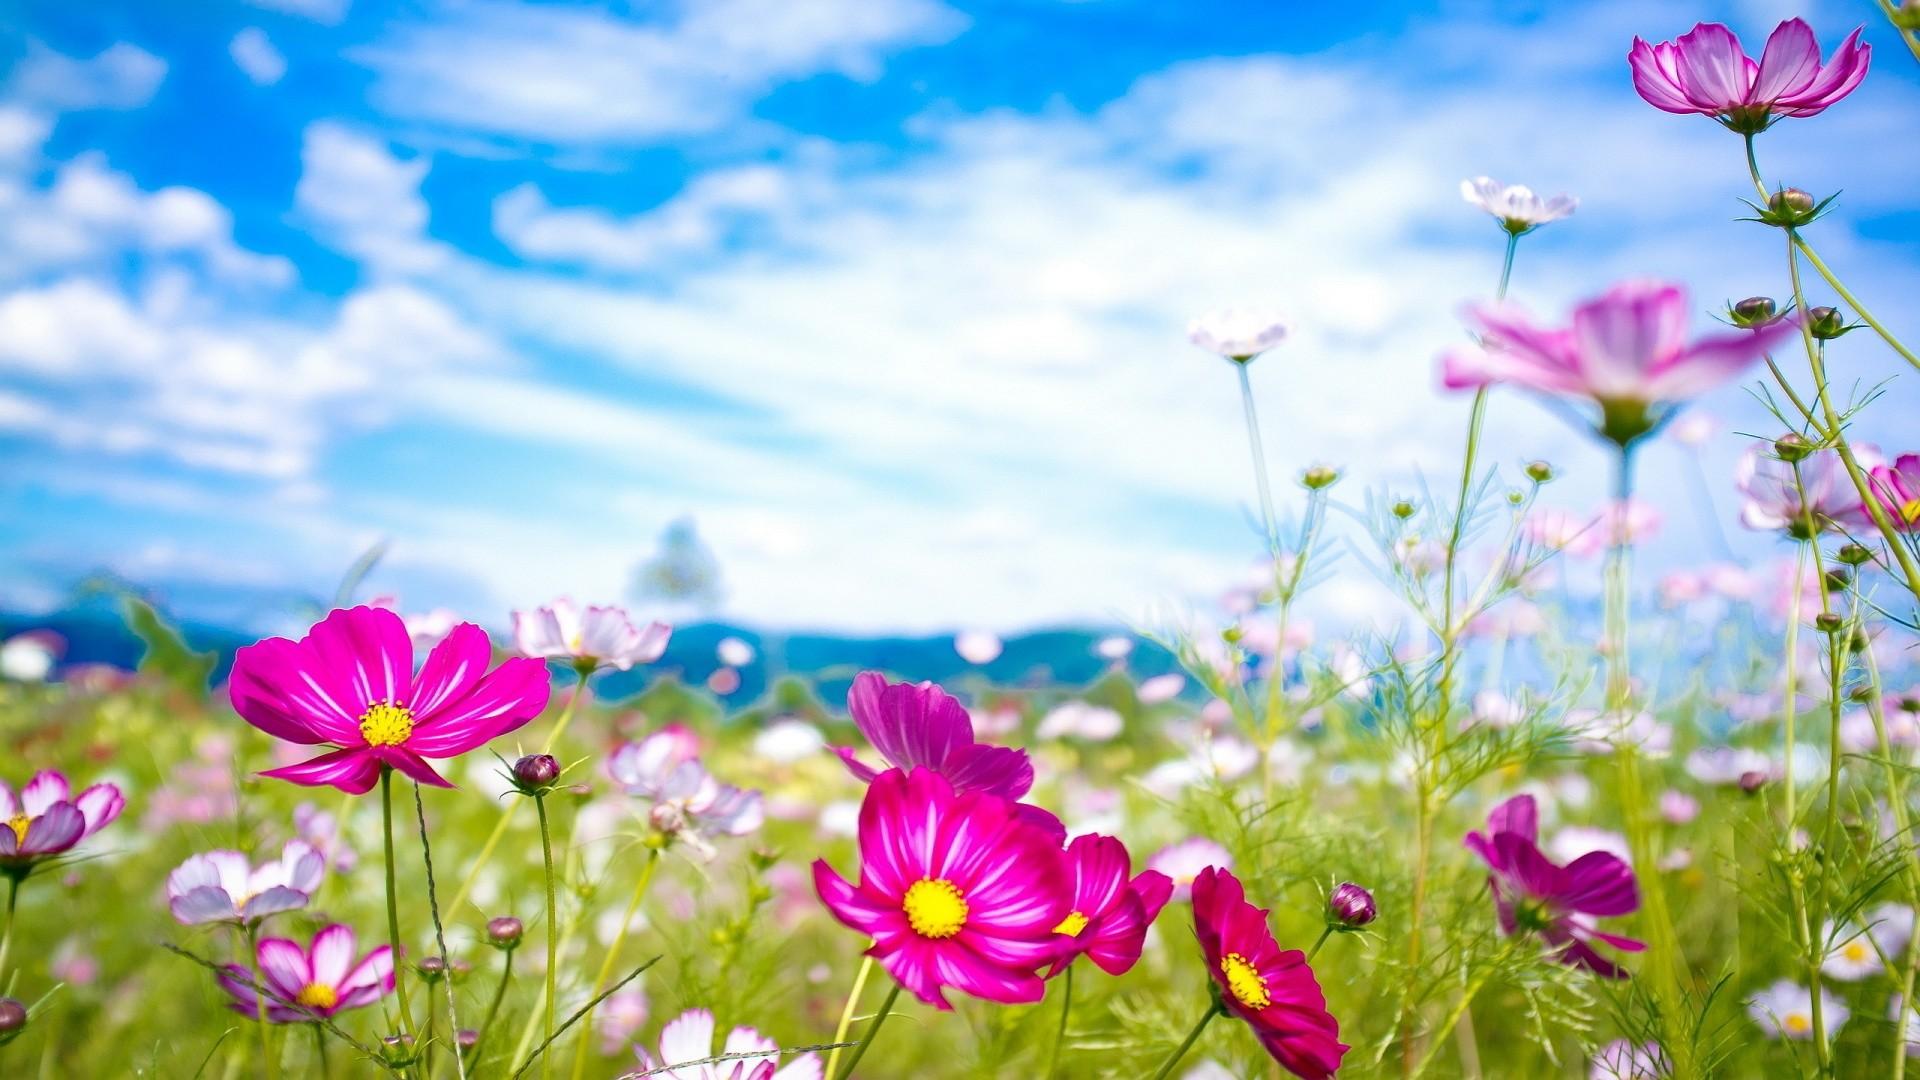 Summer Flowers Wallpaper Widescreen …